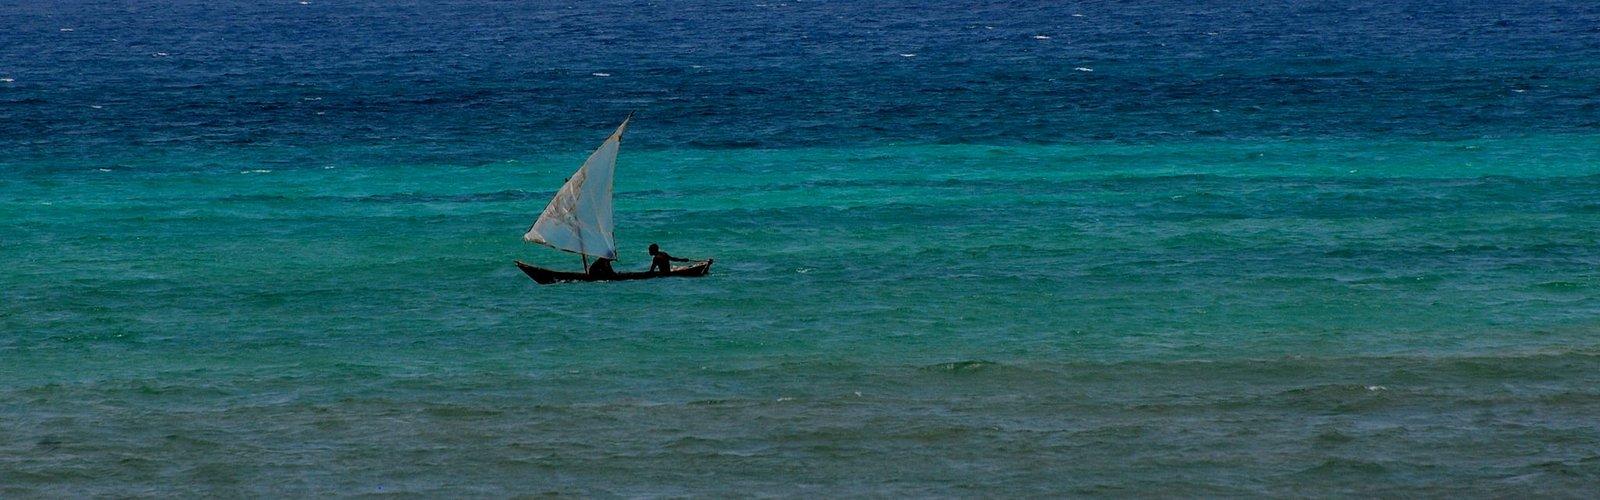 Das Meer ist so groß und unser Boot ist so klein.......